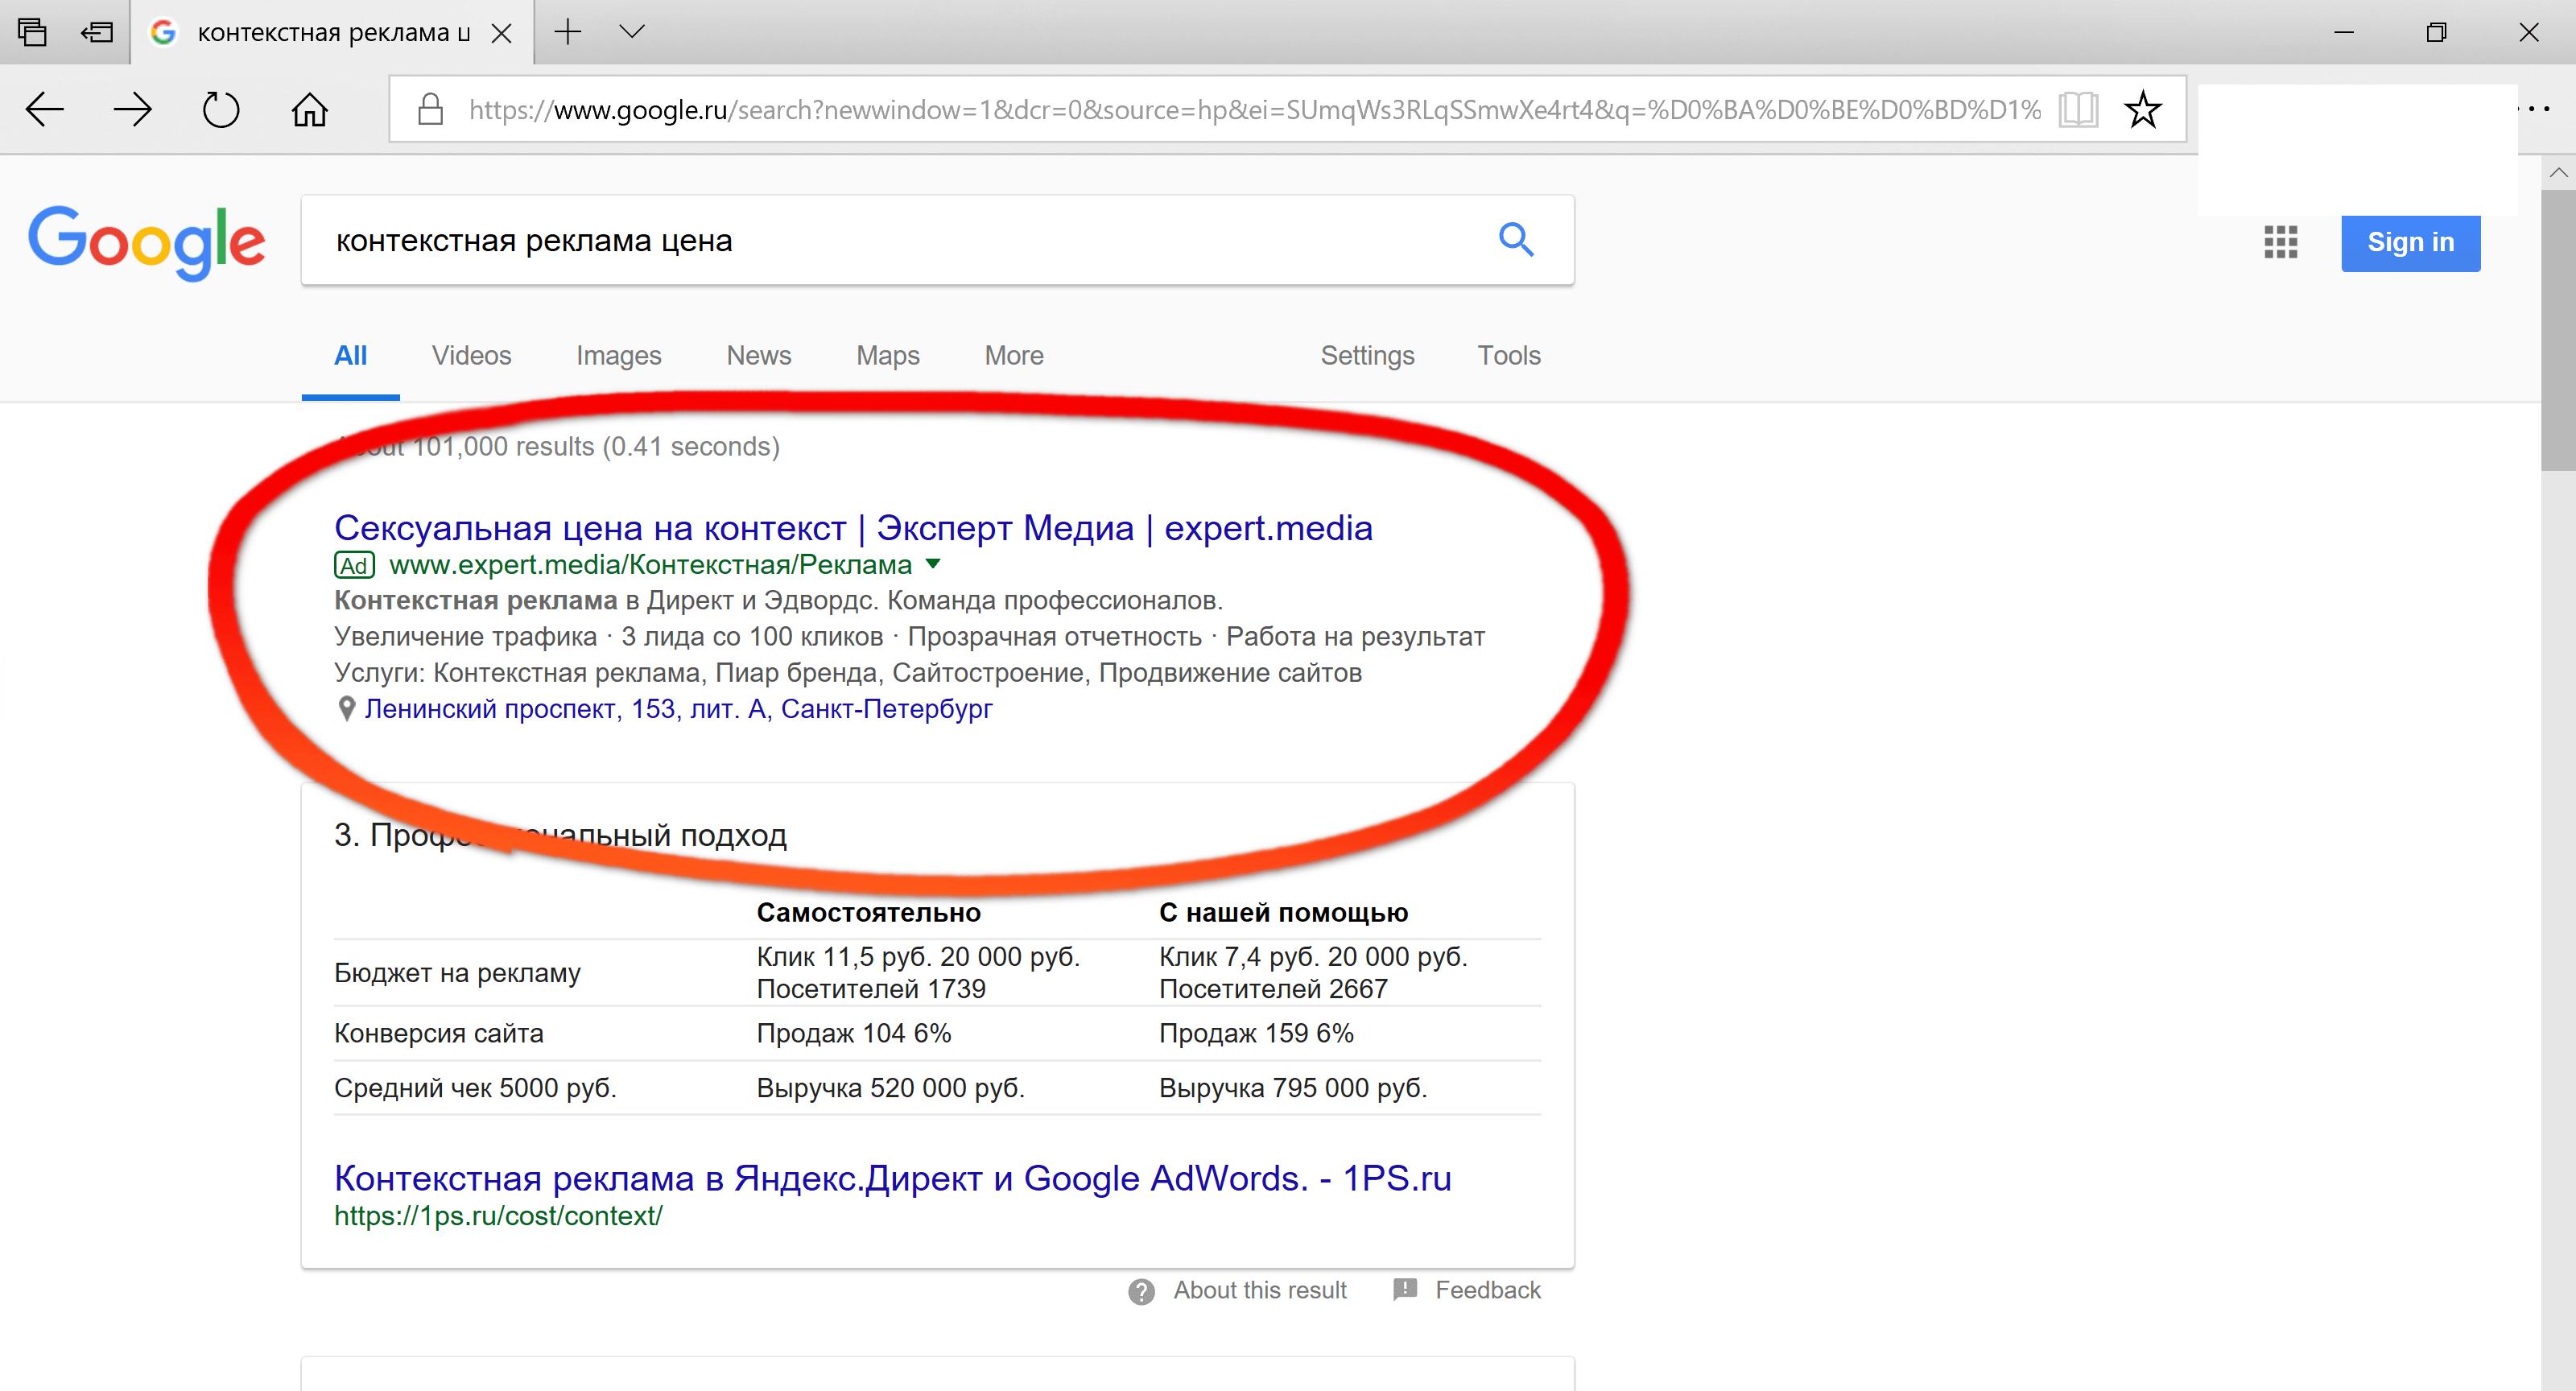 Контекстная реклама пример акт выпо контекстная реклама gmail